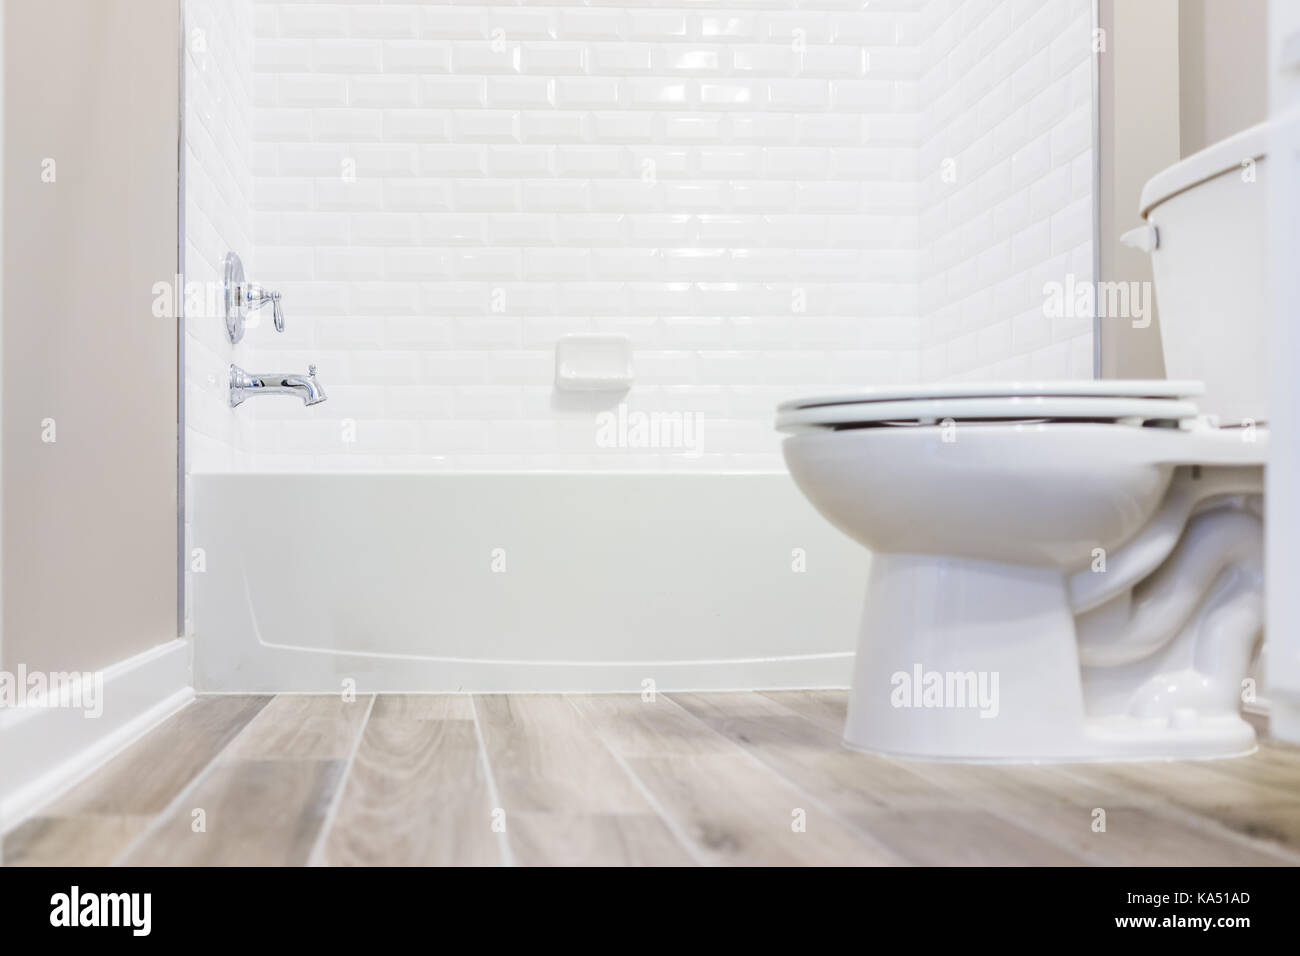 Con que limpiar azulejos bao cheap como limpiar el bao - Limpiar juntas azulejos ducha ...